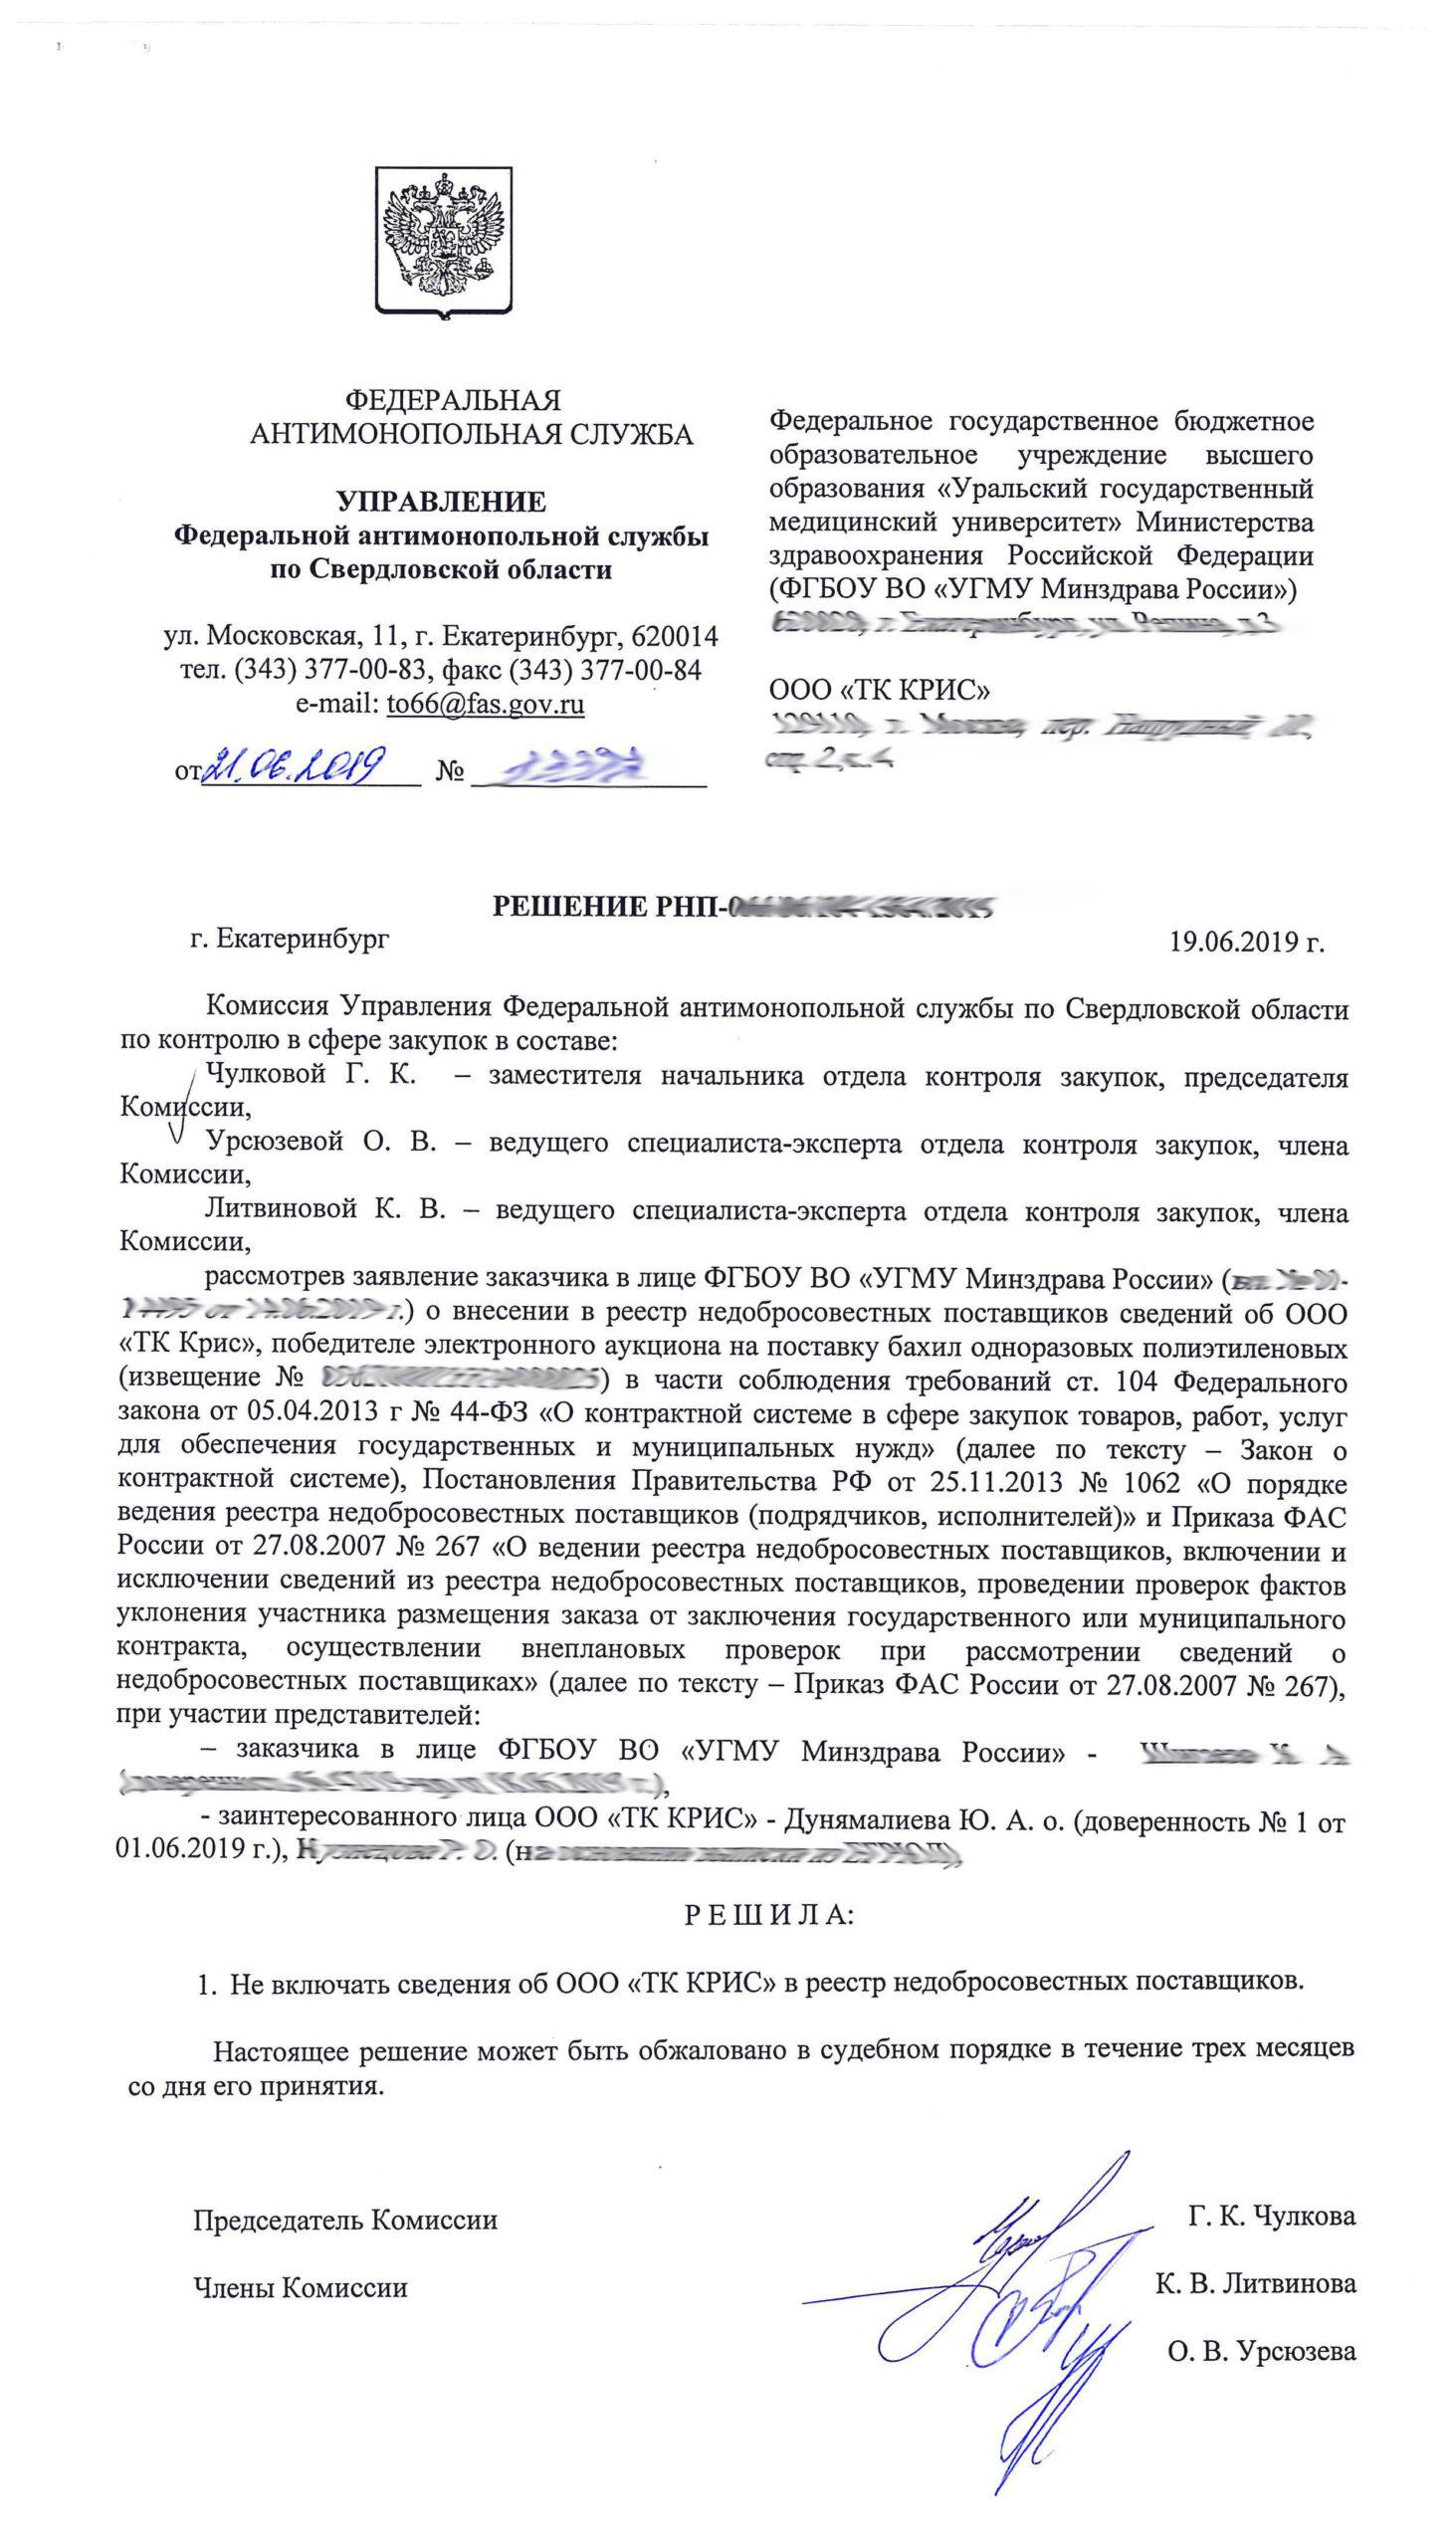 УФАС по Свердловской области ТК КРИС решение